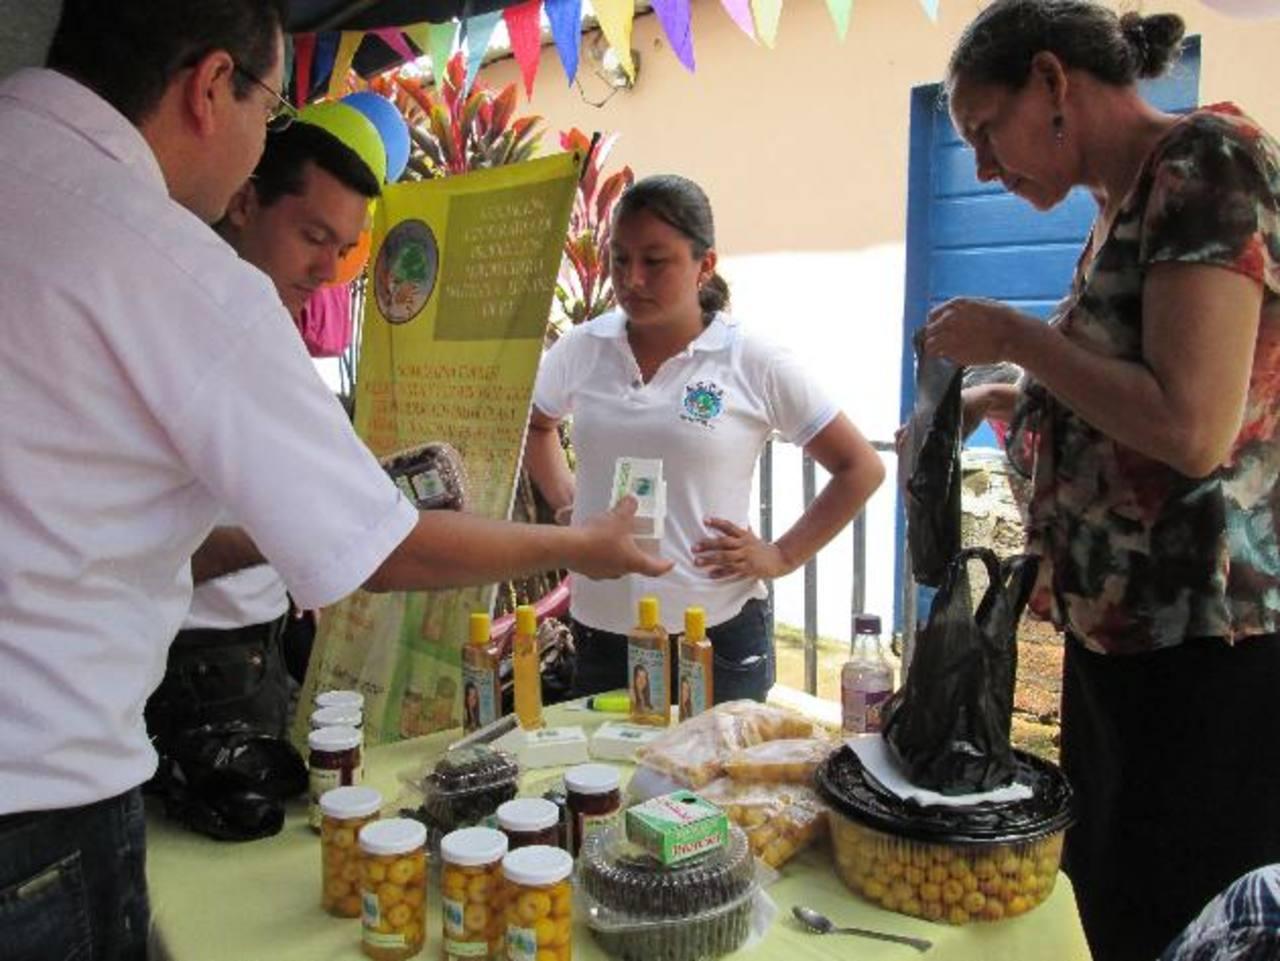 Cerca de 500 familias de cinco caseríos del cantón Loma del Muerto, Sonsonate, son los favorecidos. Foto EDH / Cortesía